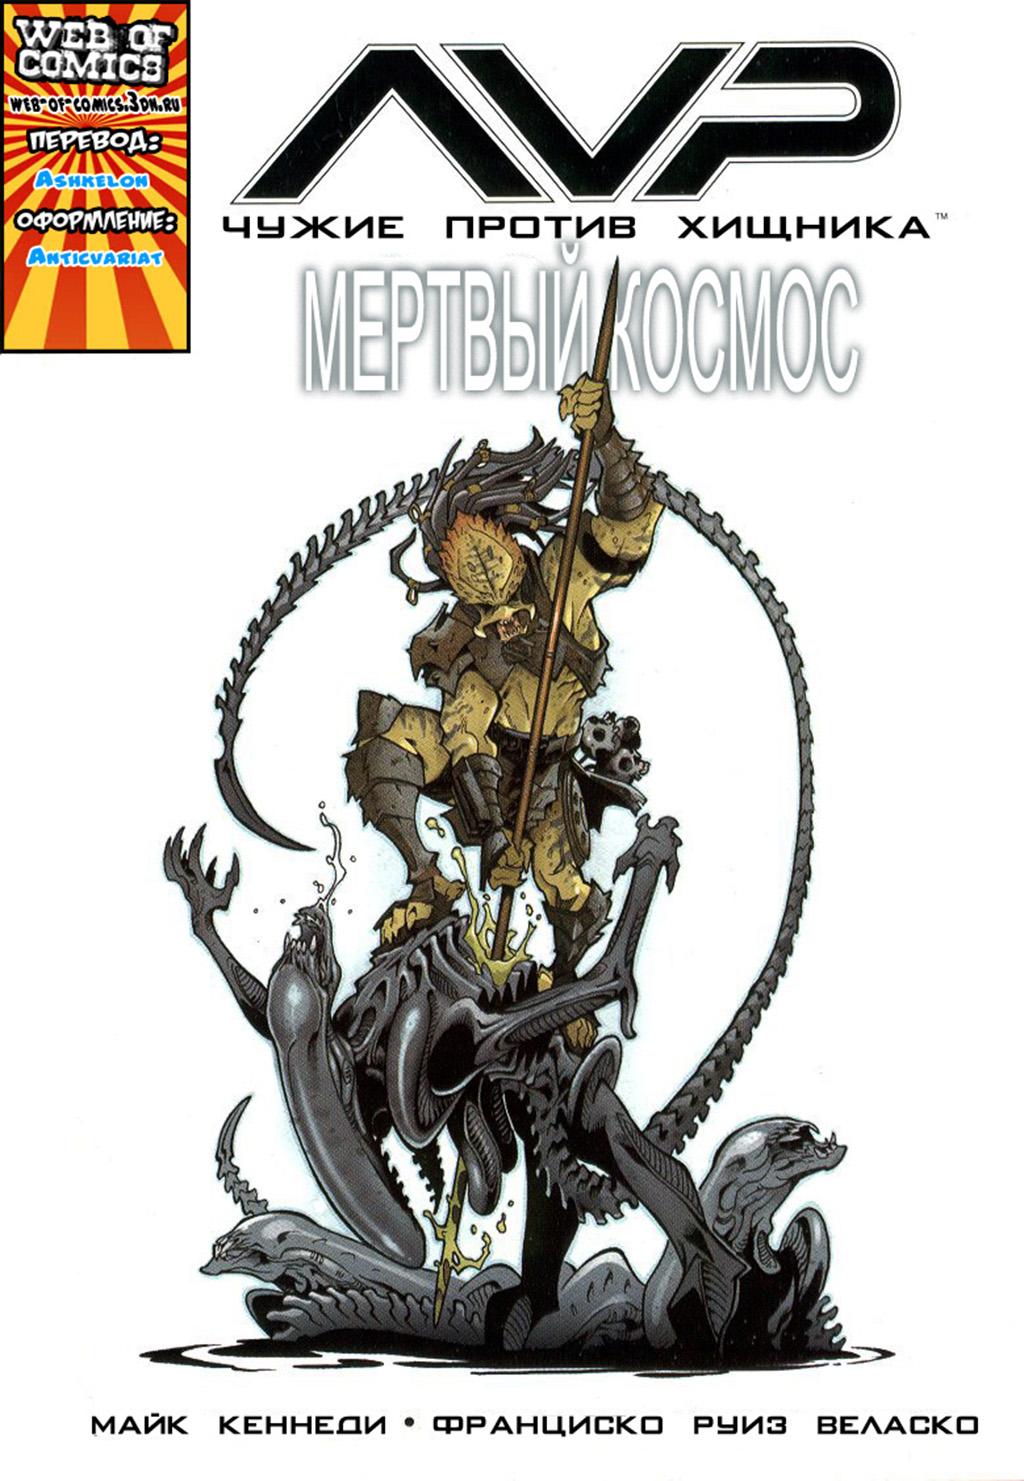 Комикс Чужие против Хищника Мертвый Космос